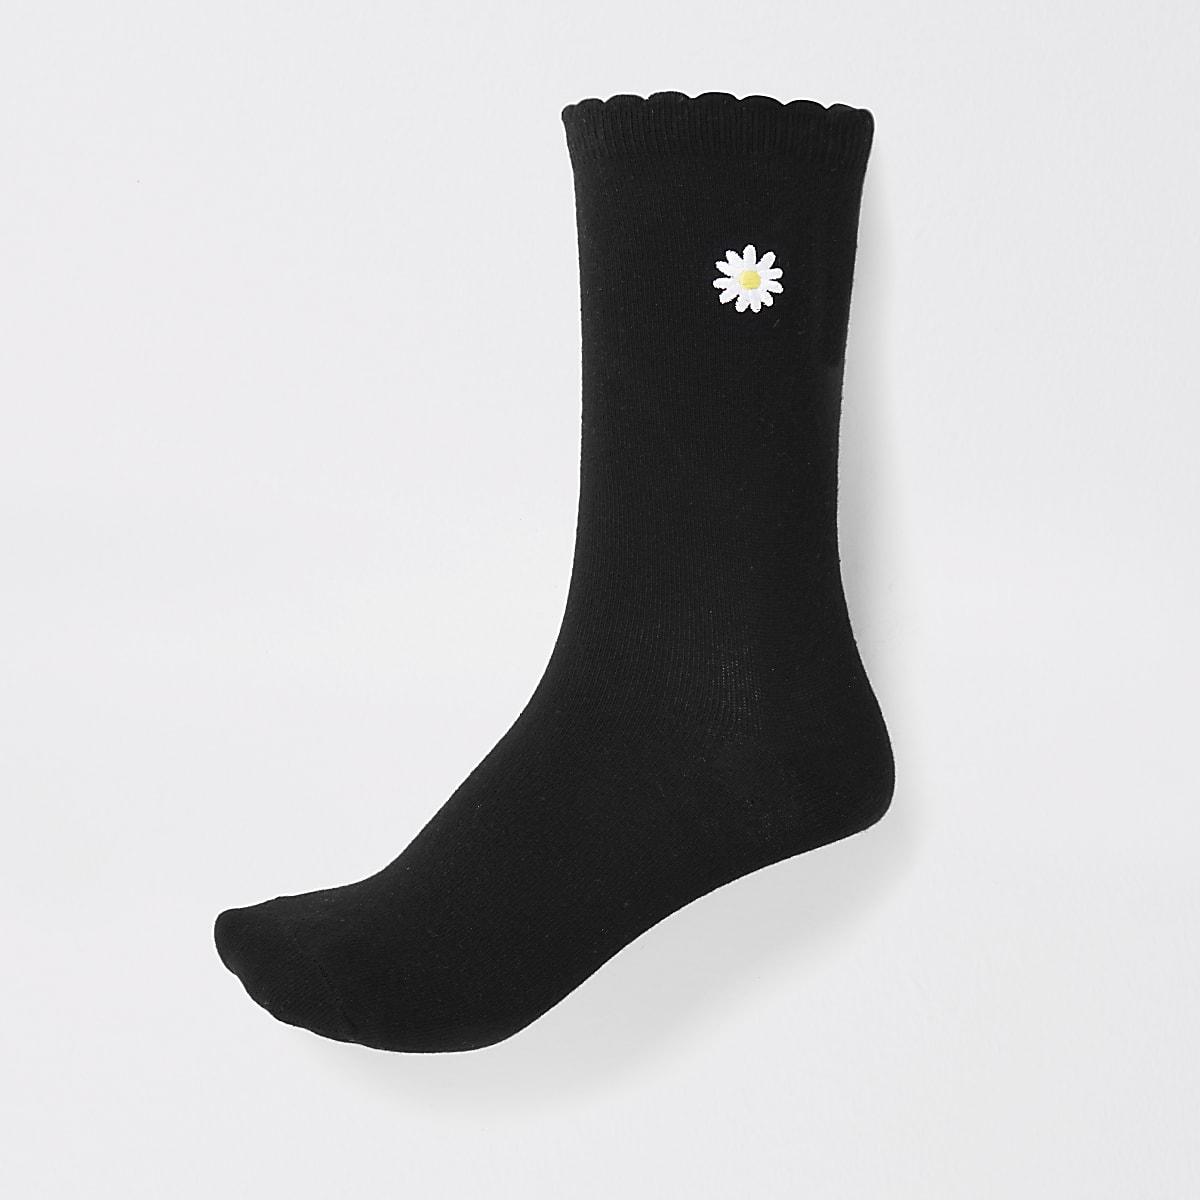 Zwarte sokken met madeliefje